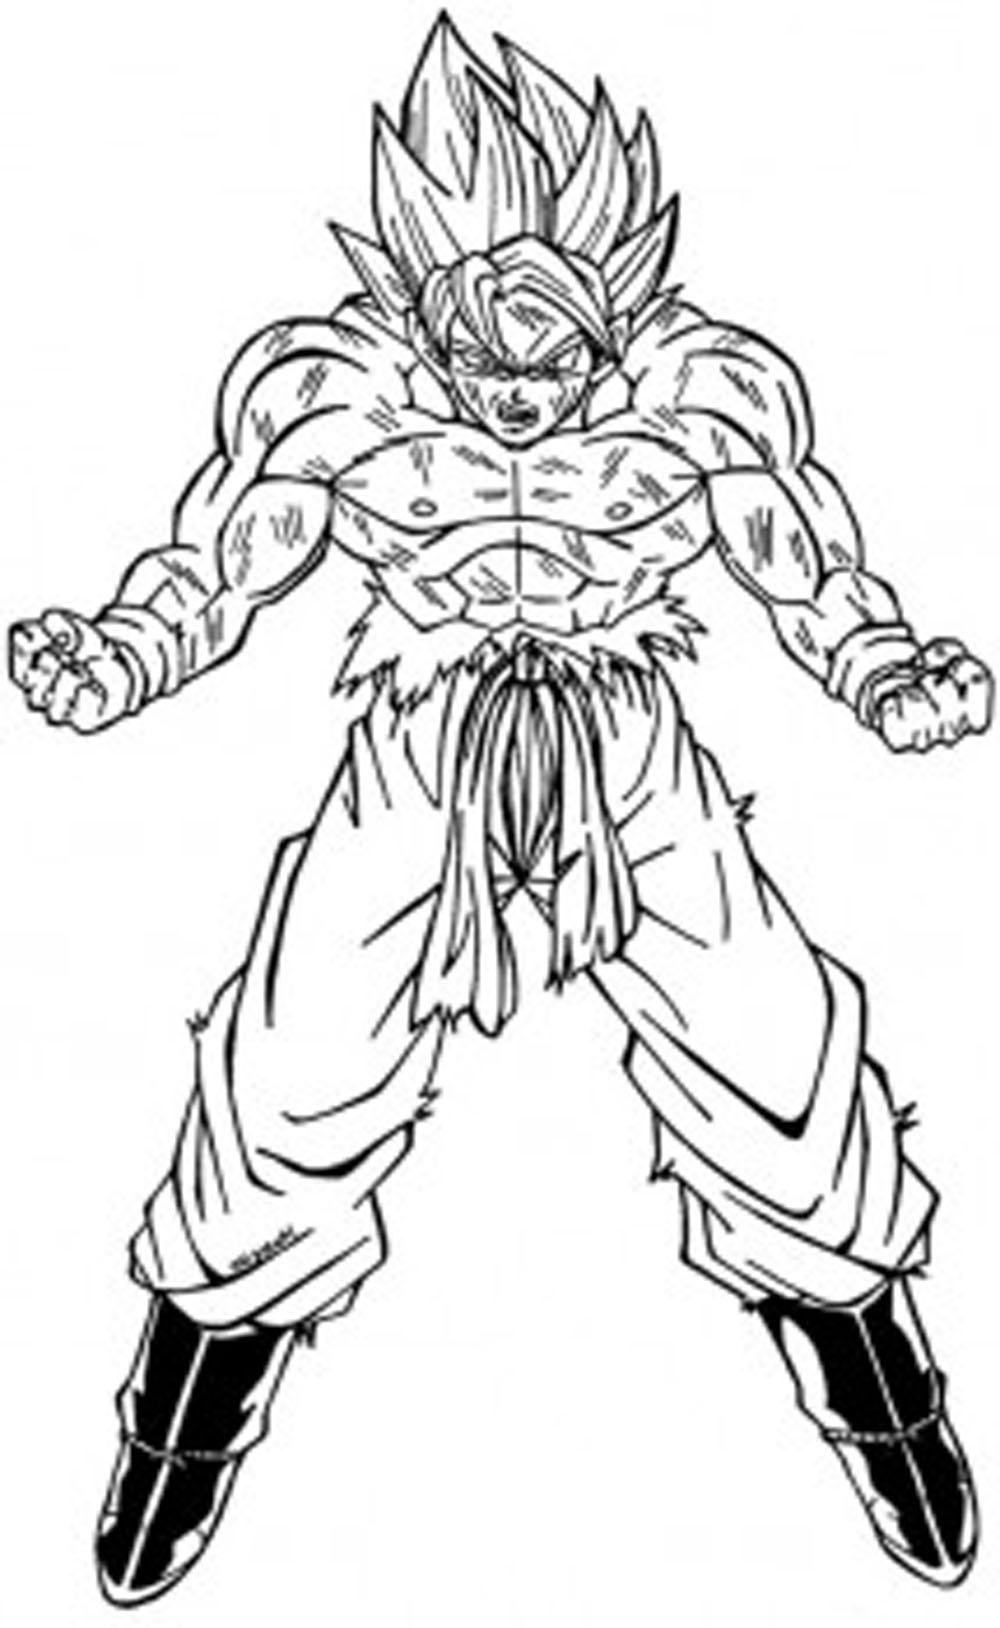 Imagenes De Goku Para Dibujar A Lapiz De Fase 4 Facil On Log Wall